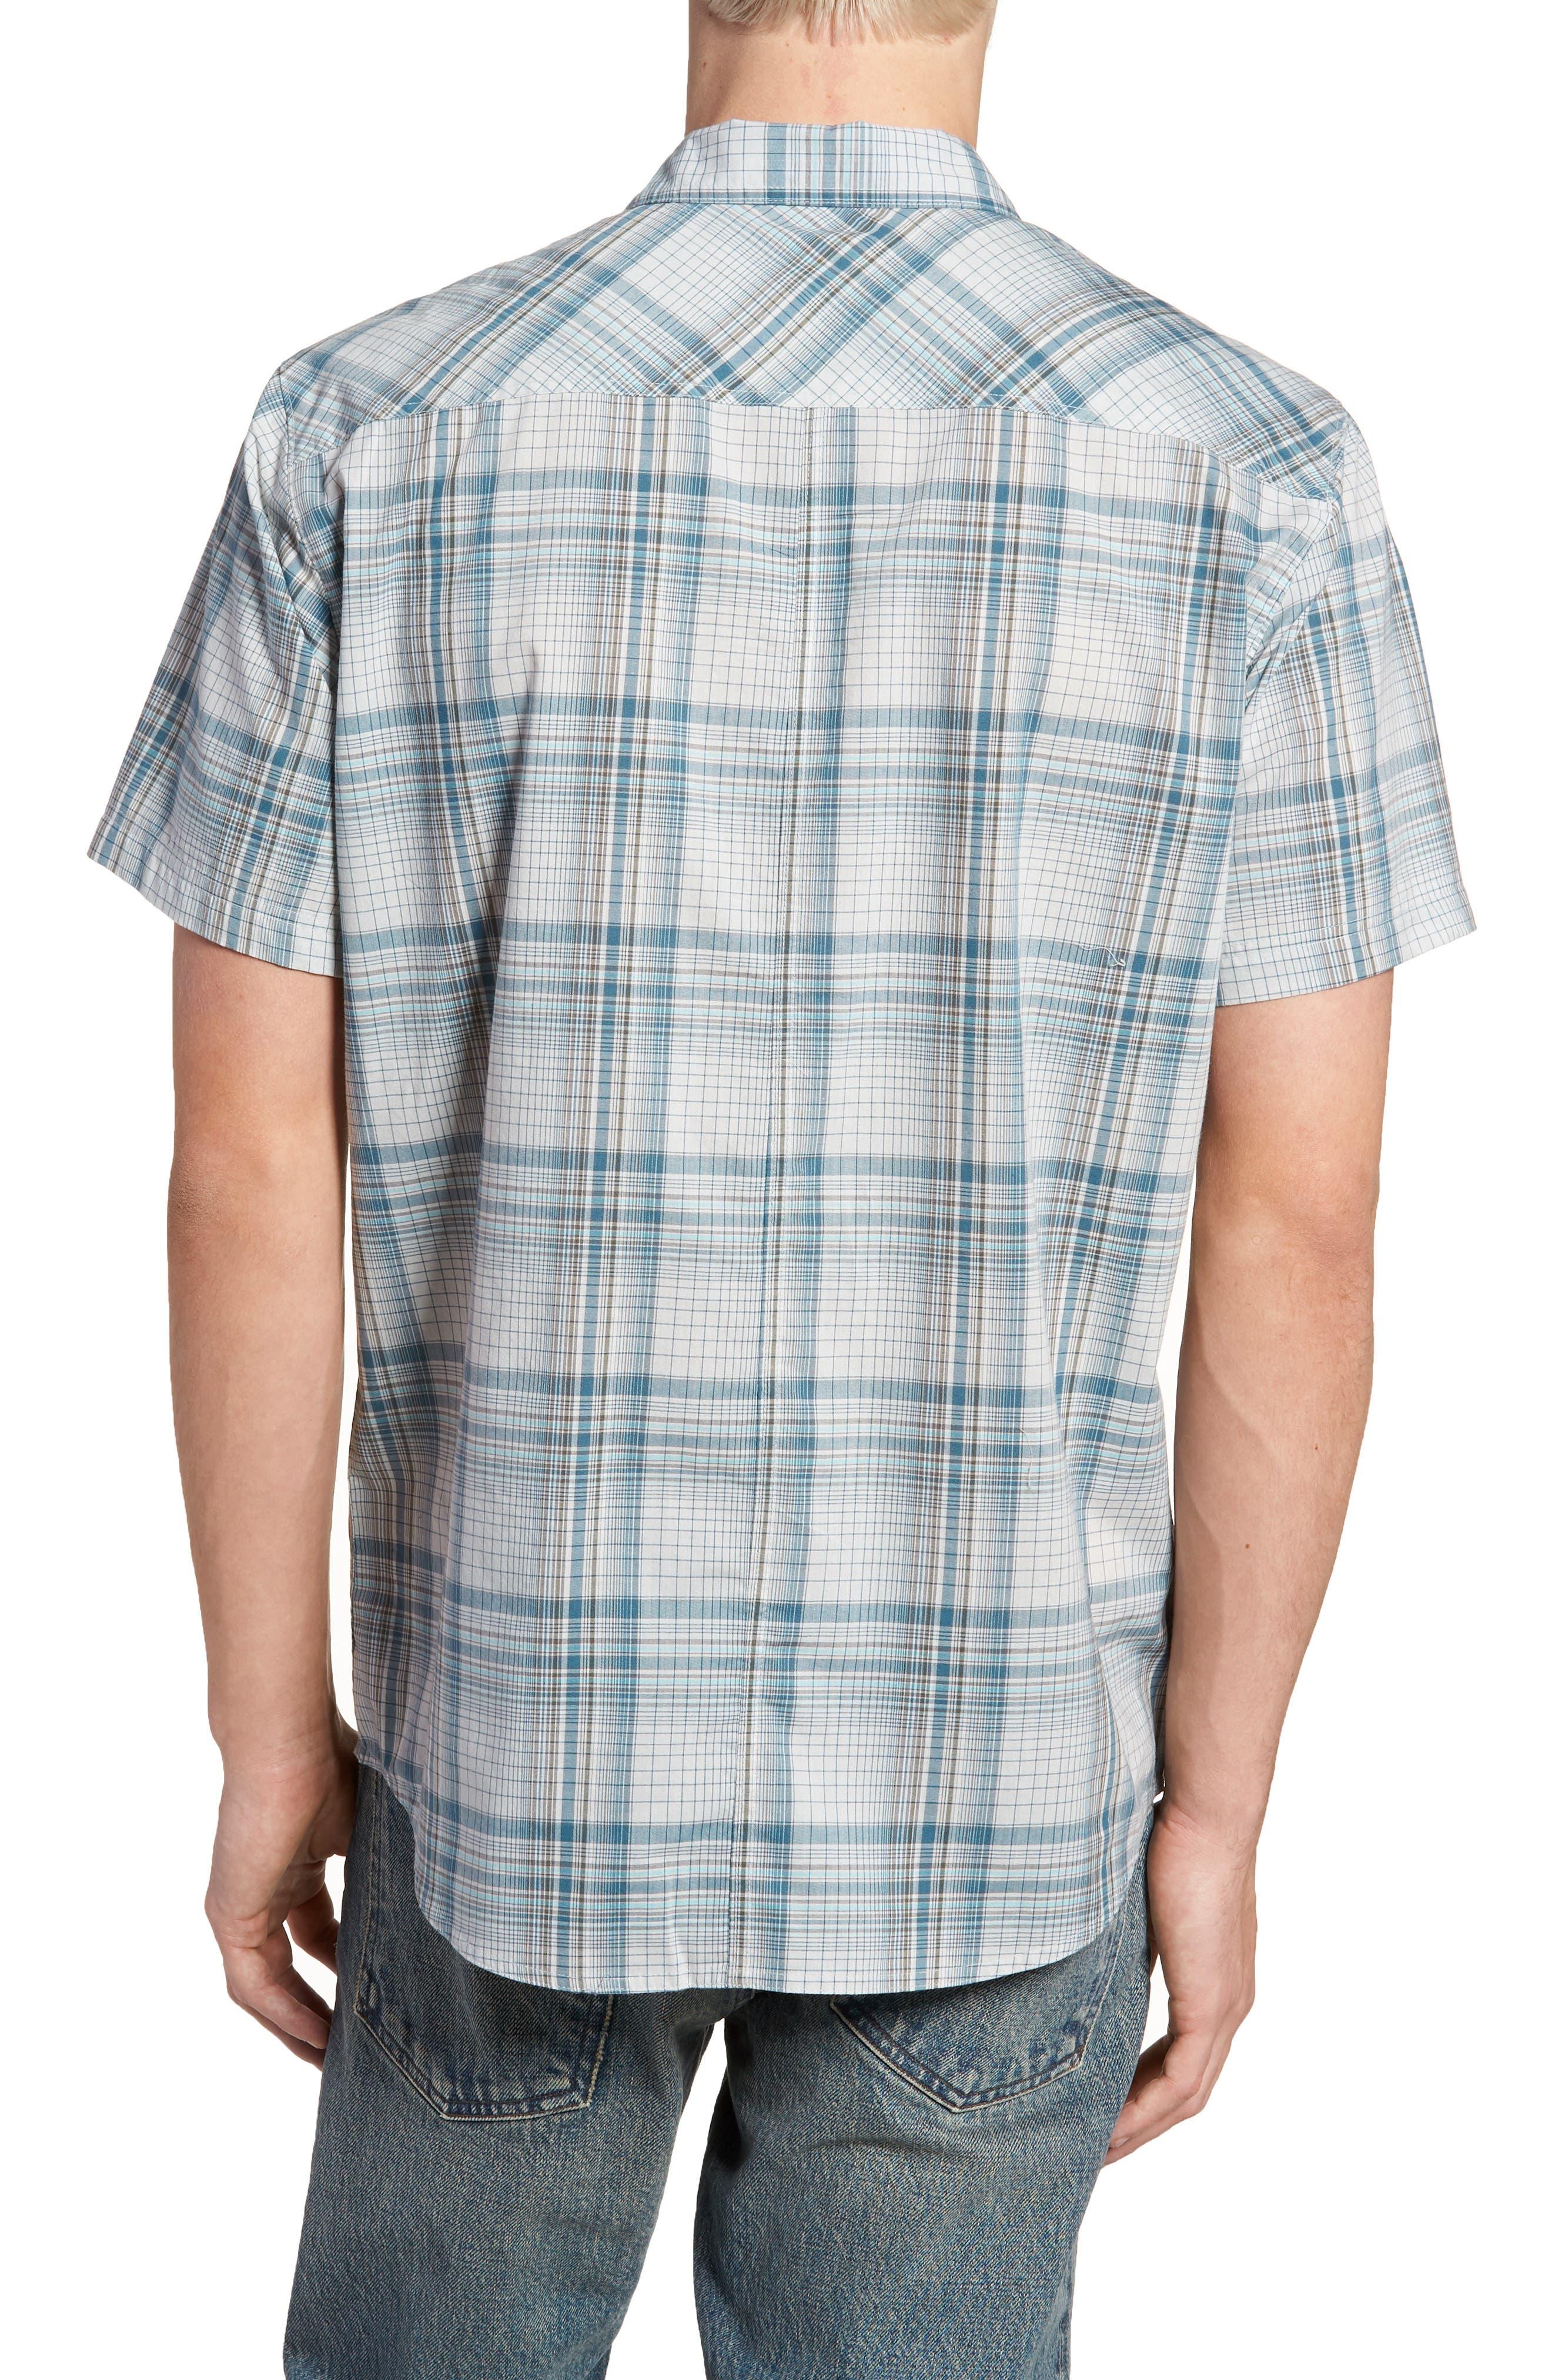 Gentry Short Sleeve Shirt,                             Alternate thumbnail 3, color,                             White